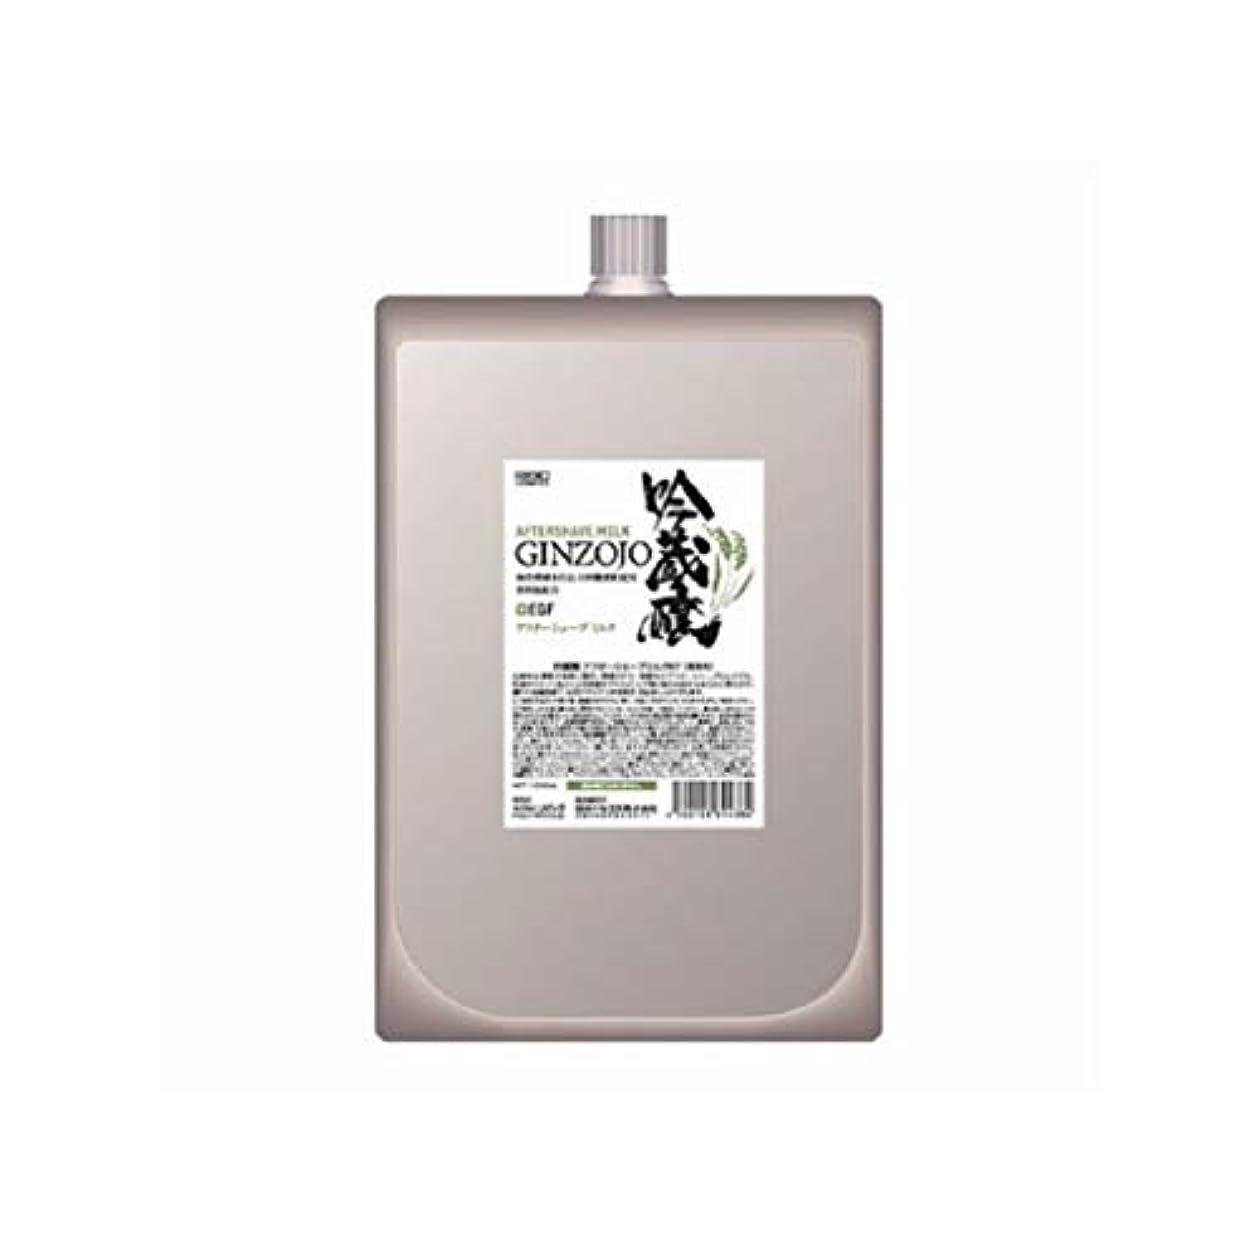 洗うずんぐりした地域の吟蔵醸 アフターシェーブミルク KF 1000ml